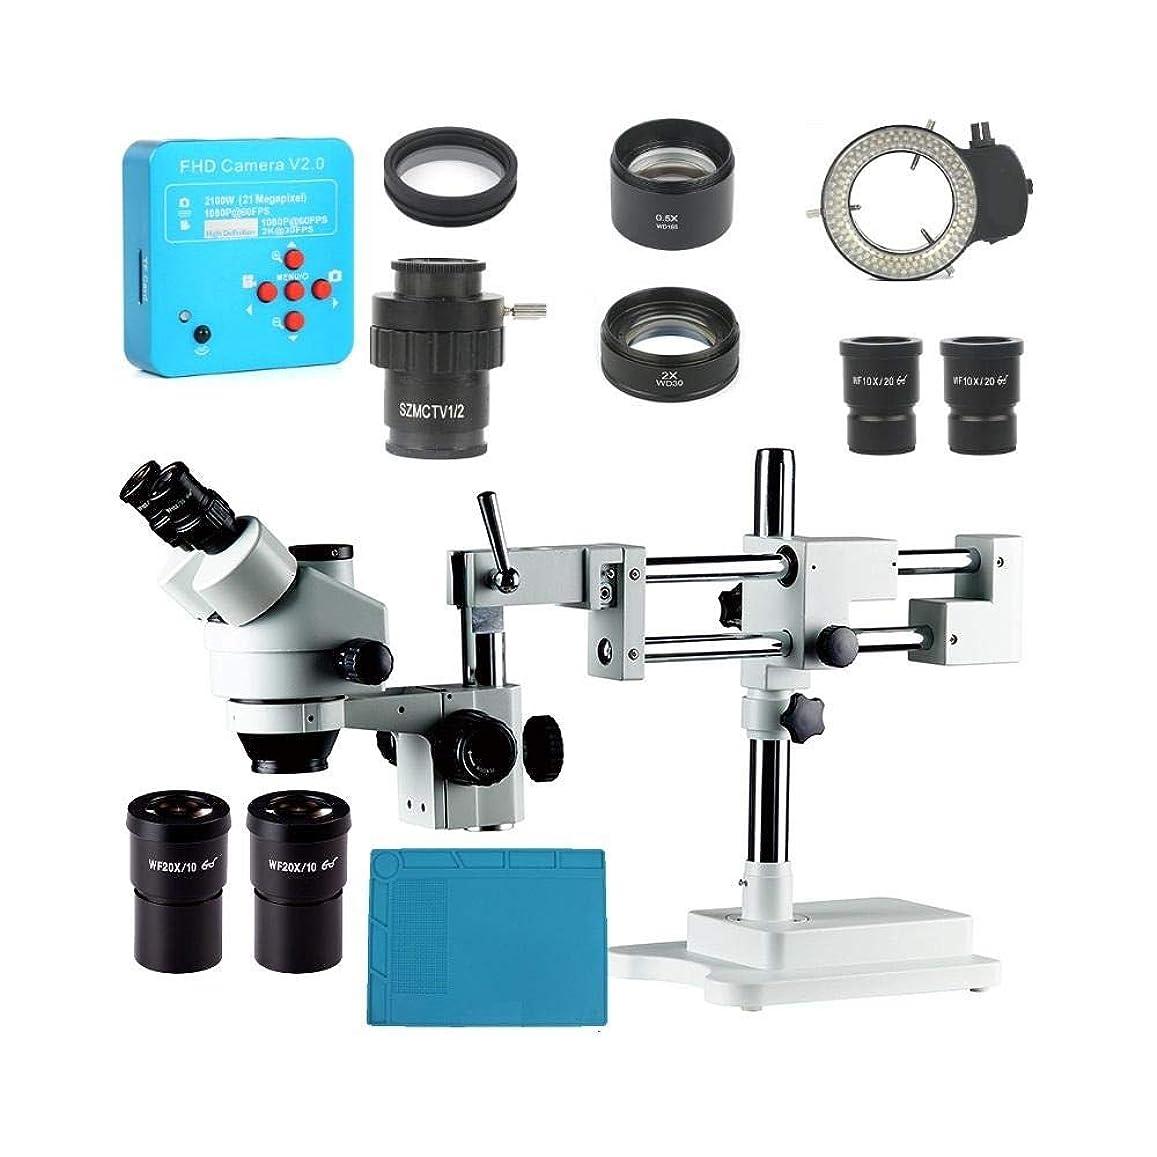 照らす雇う統計工業用PCB修理3.5X 7X 45X 90Xダブル用三眼ステレオ顕微鏡 鮮明なミクロな世界へ (色 : Black, Size : One size)